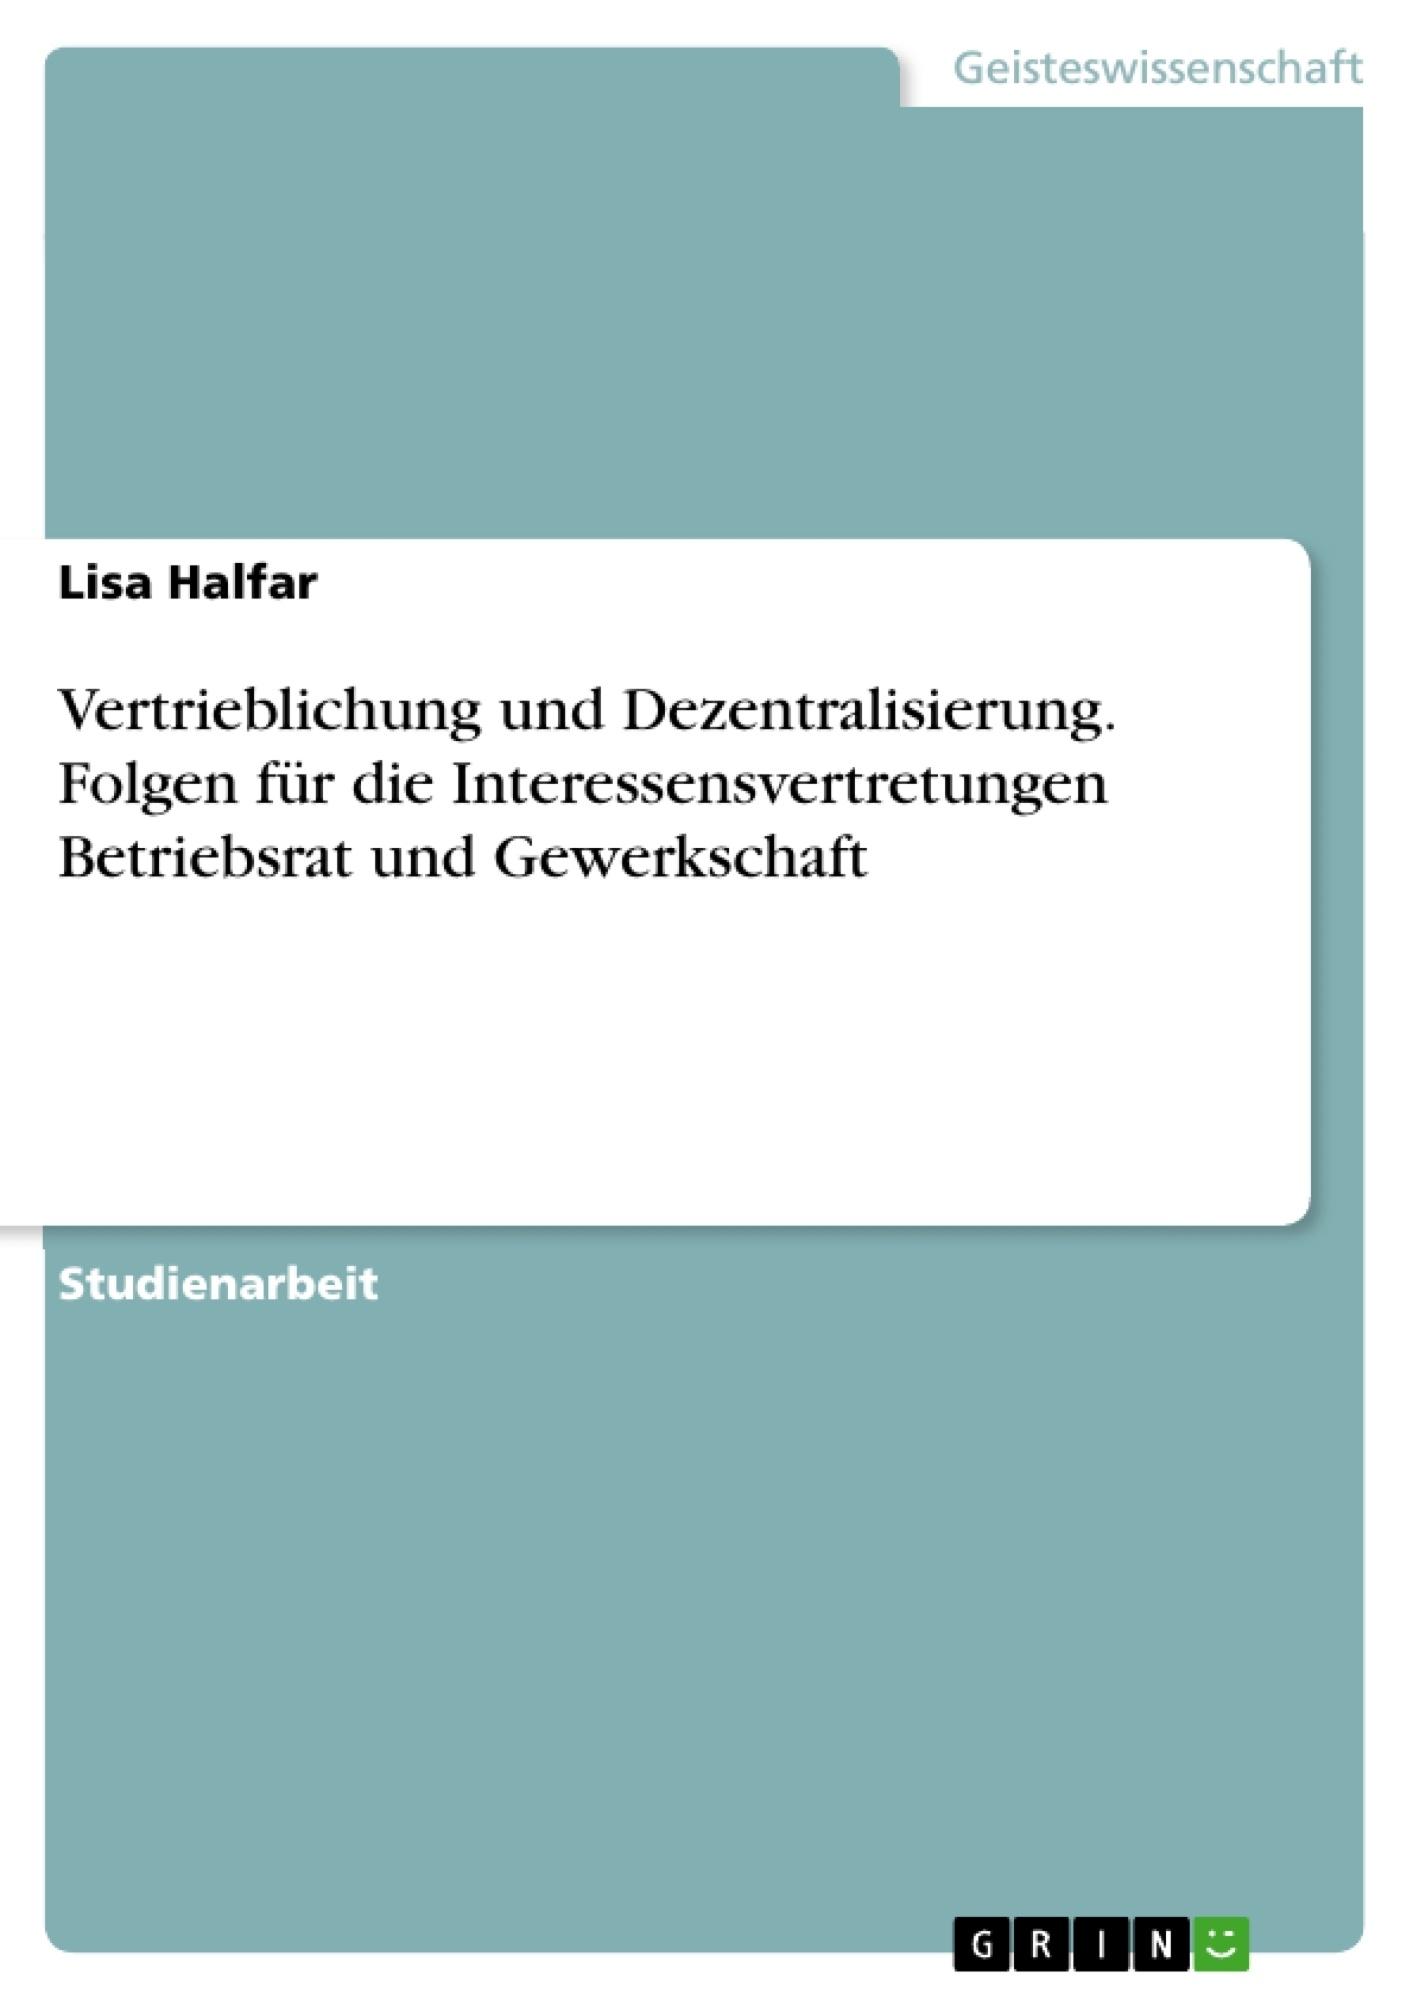 Titel: Vertrieblichung und Dezentralisierung. Folgen für die Interessensvertretungen Betriebsrat und Gewerkschaft